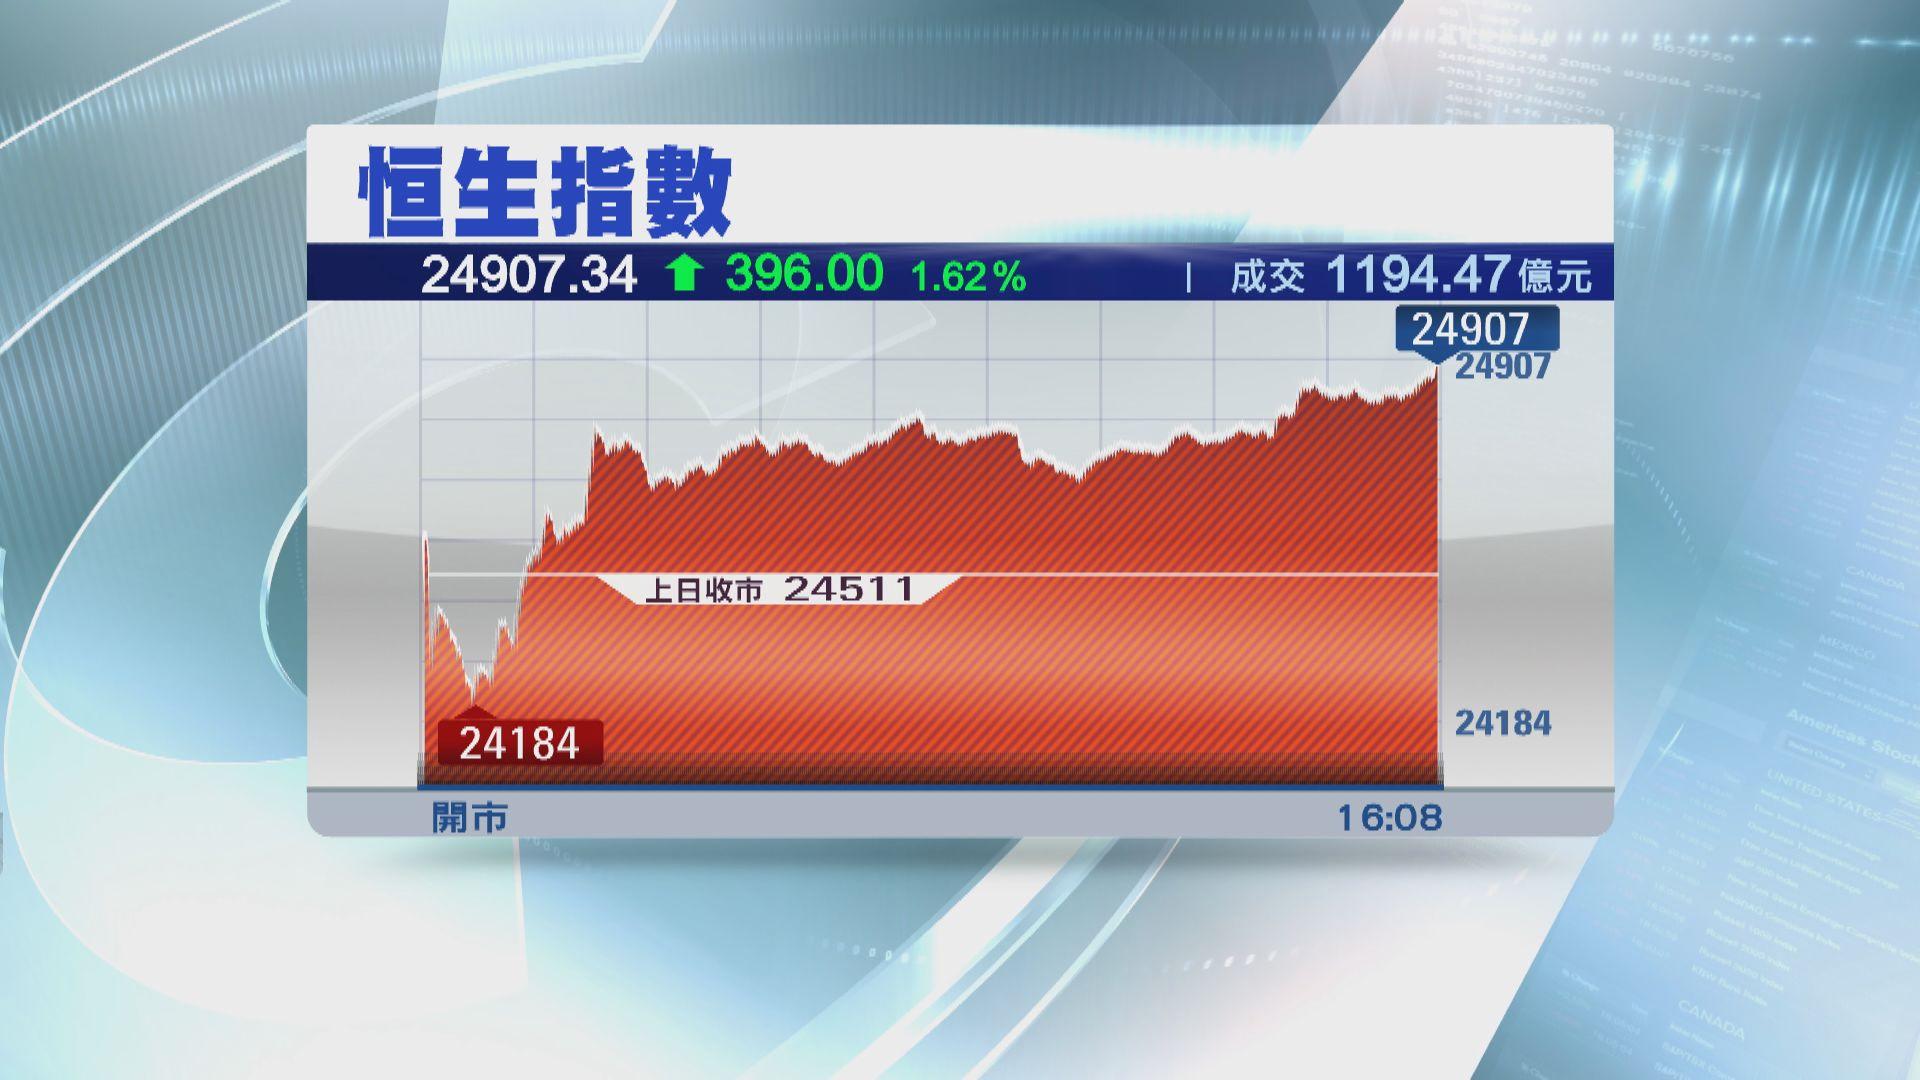 納瓦羅言論令市場混亂 港股先跌後回升